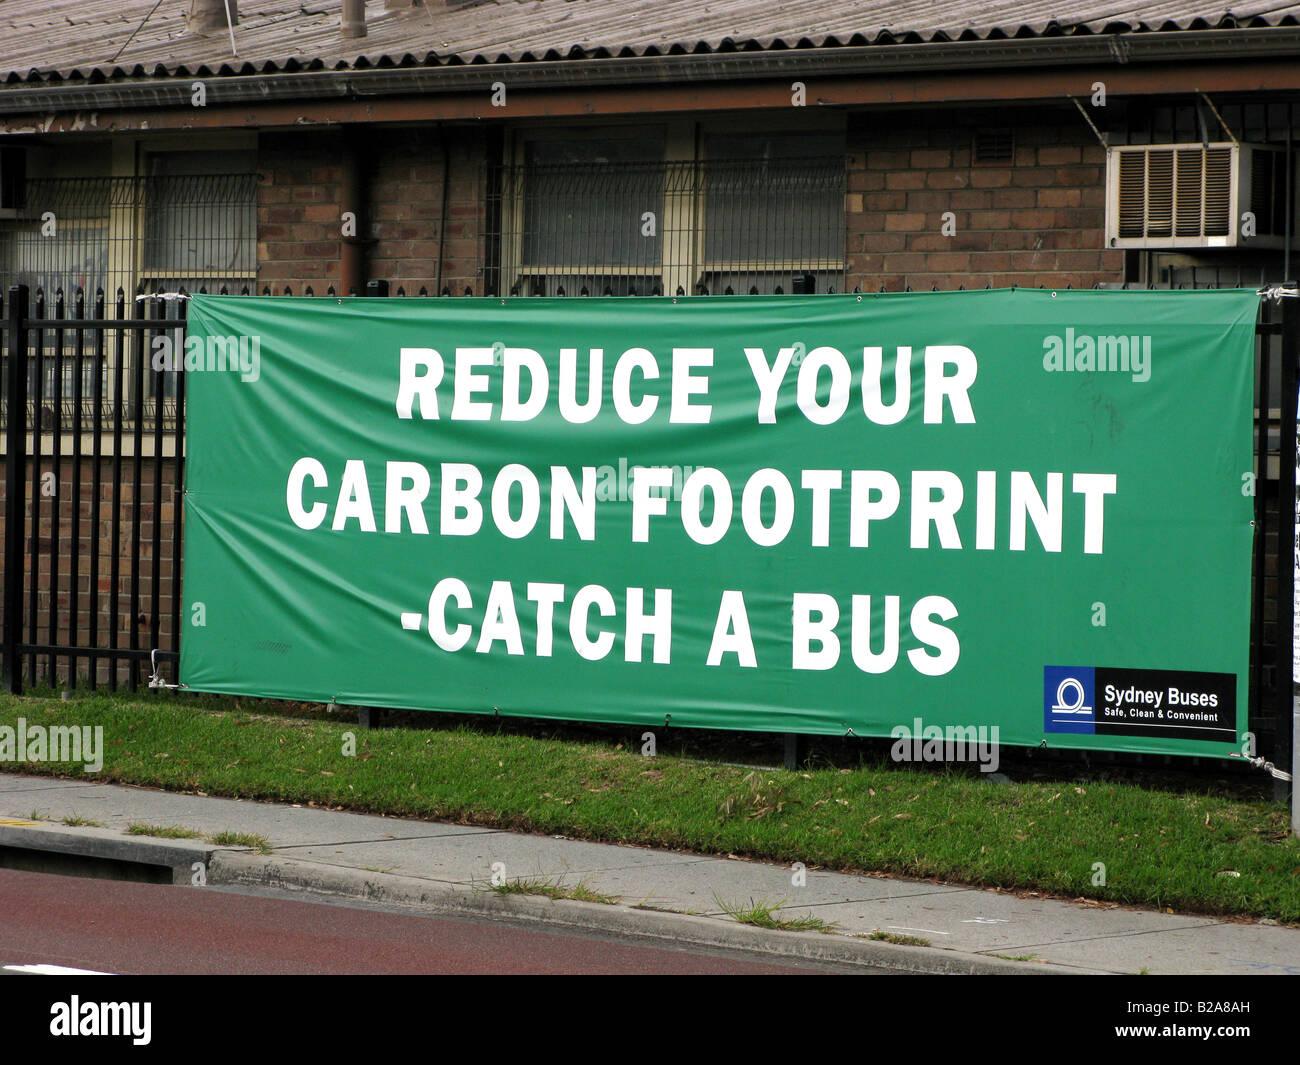 Un signe exhorte les navetteurs à utiliser les bus pour le transport afin de réduire leur empreinte carbone Photo Stock